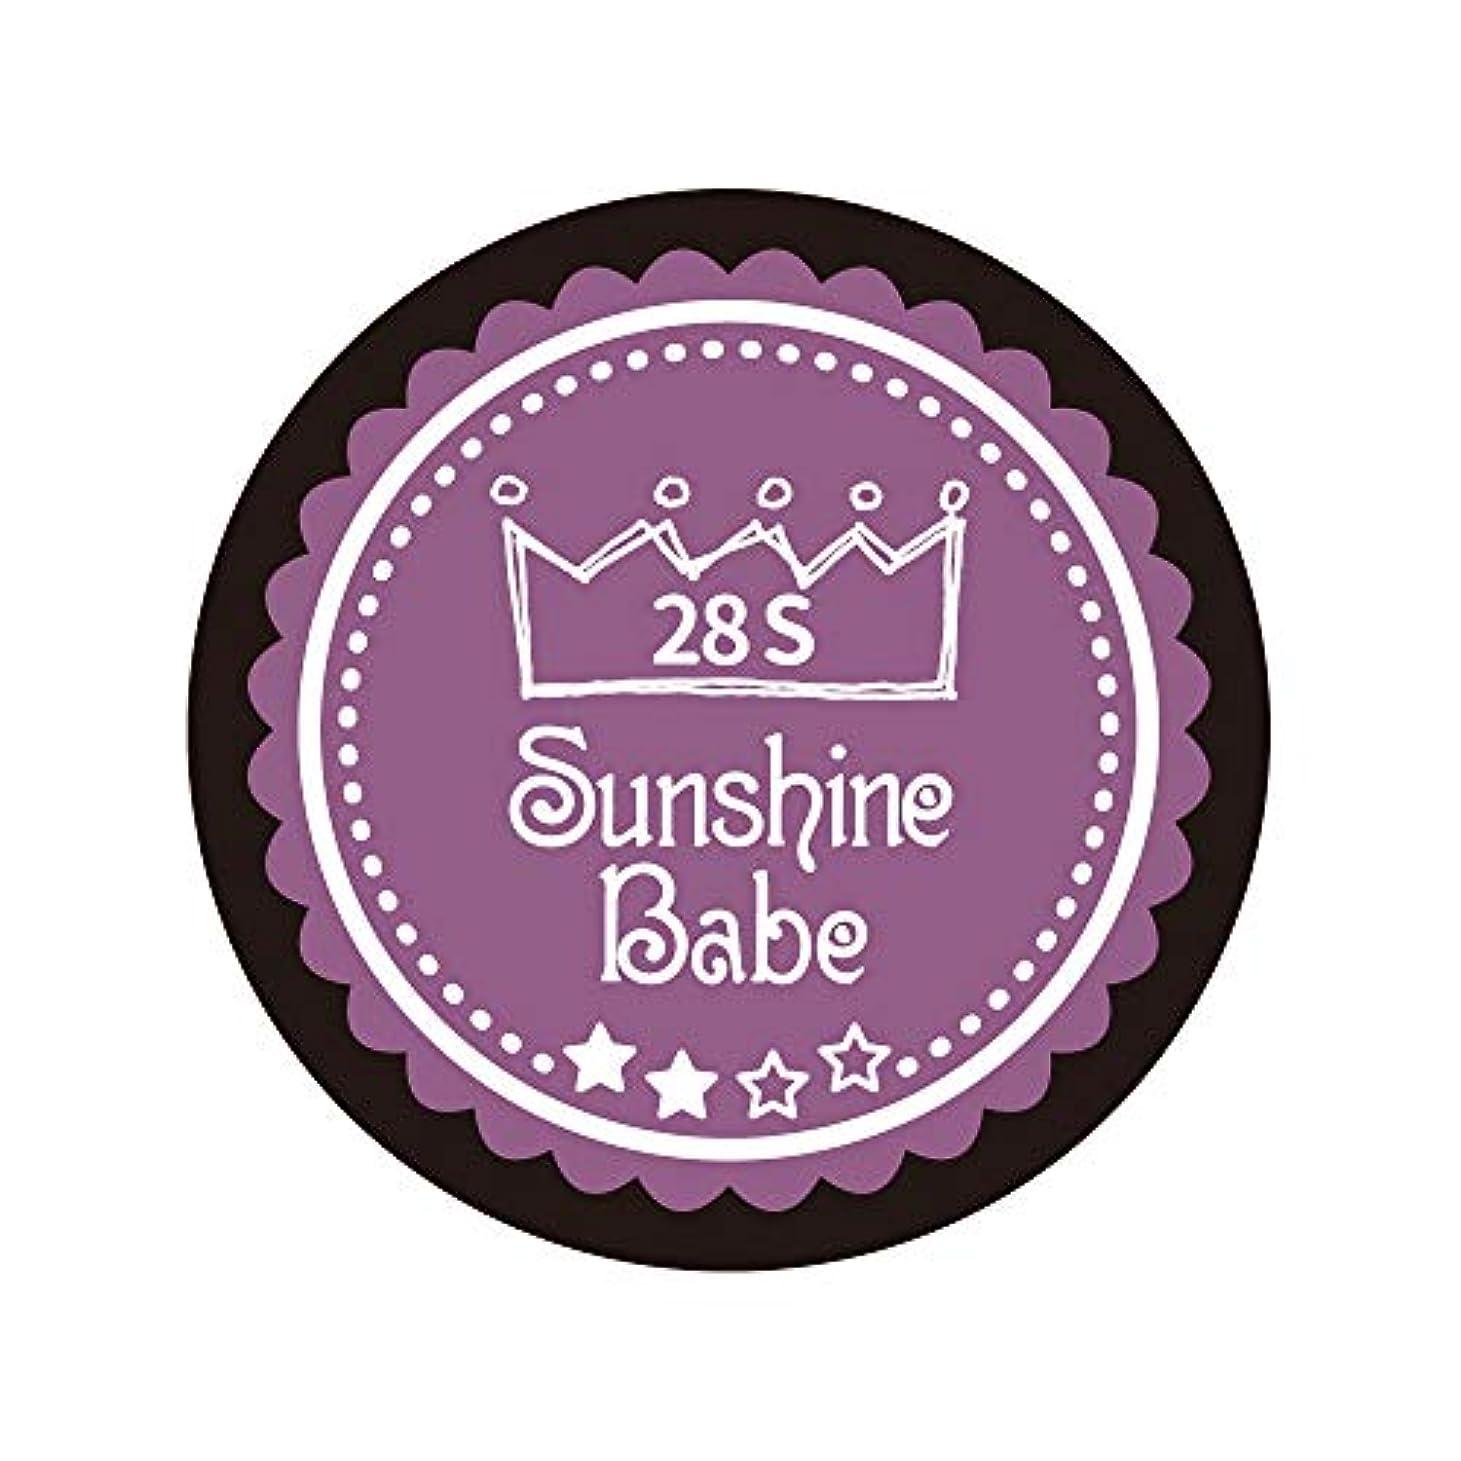 結果としてふざけたあいまいさSunshine Babe カラージェル 28S パンジーパープル 2.7g UV/LED対応